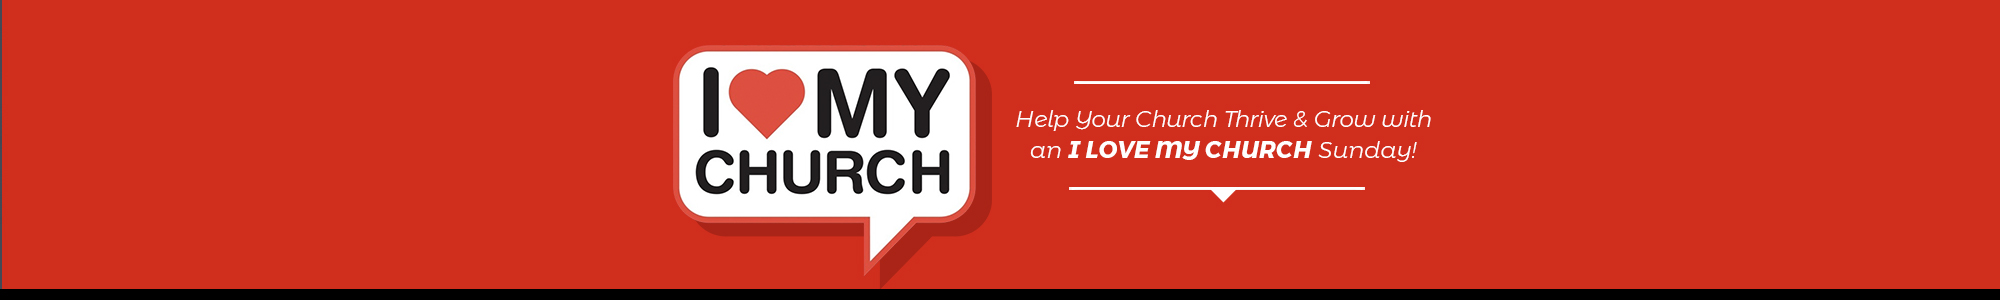 I Love My Church: 5-Week Church Sermon Series